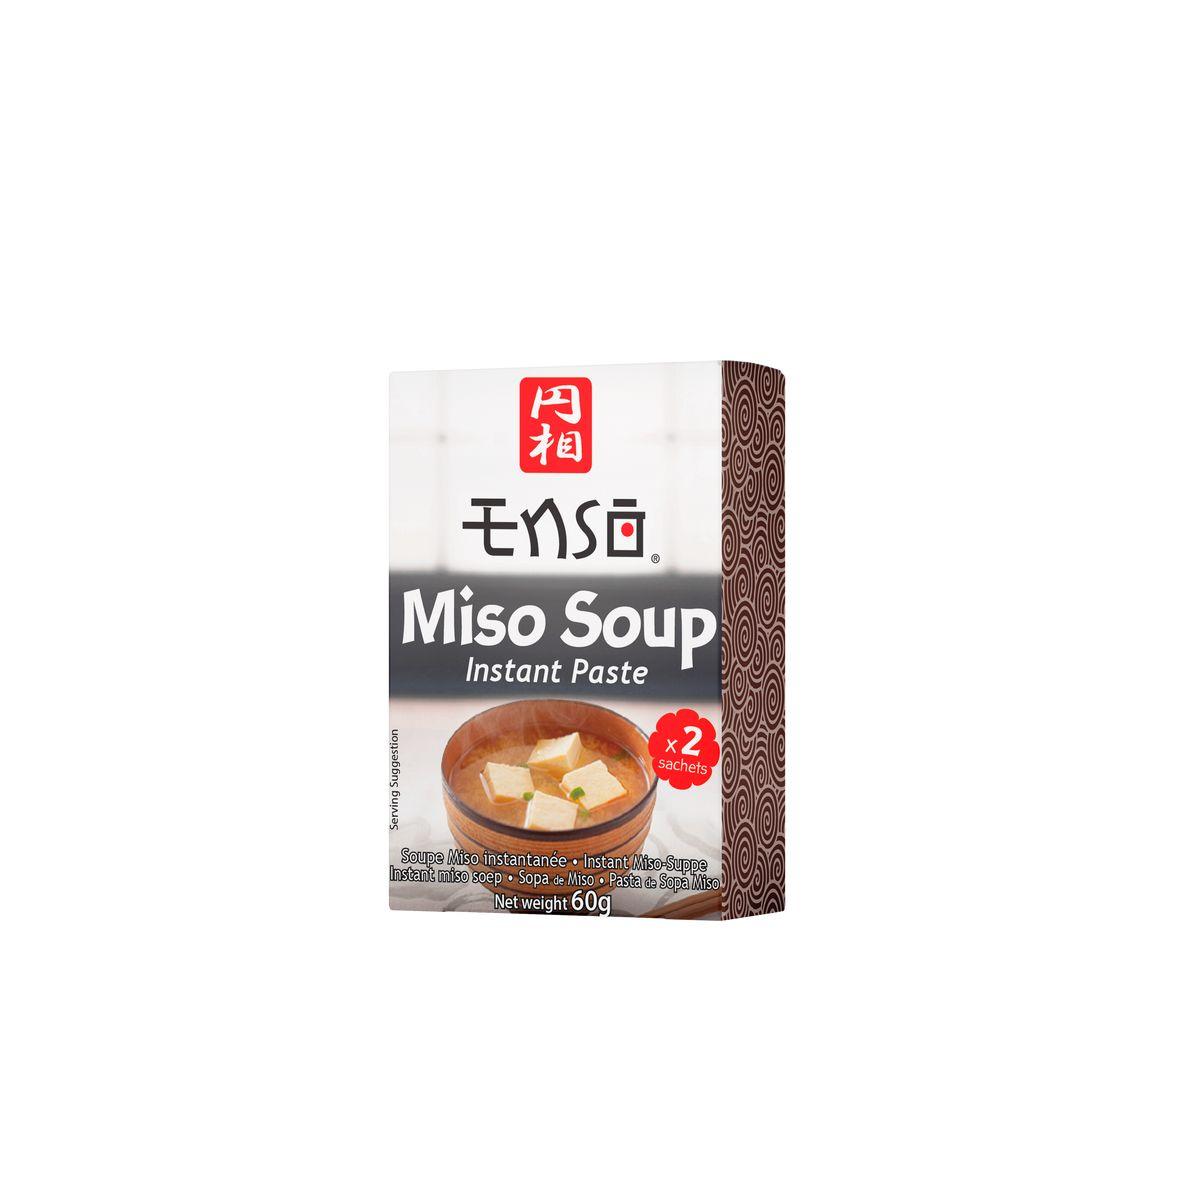 Soupe miso - Enso